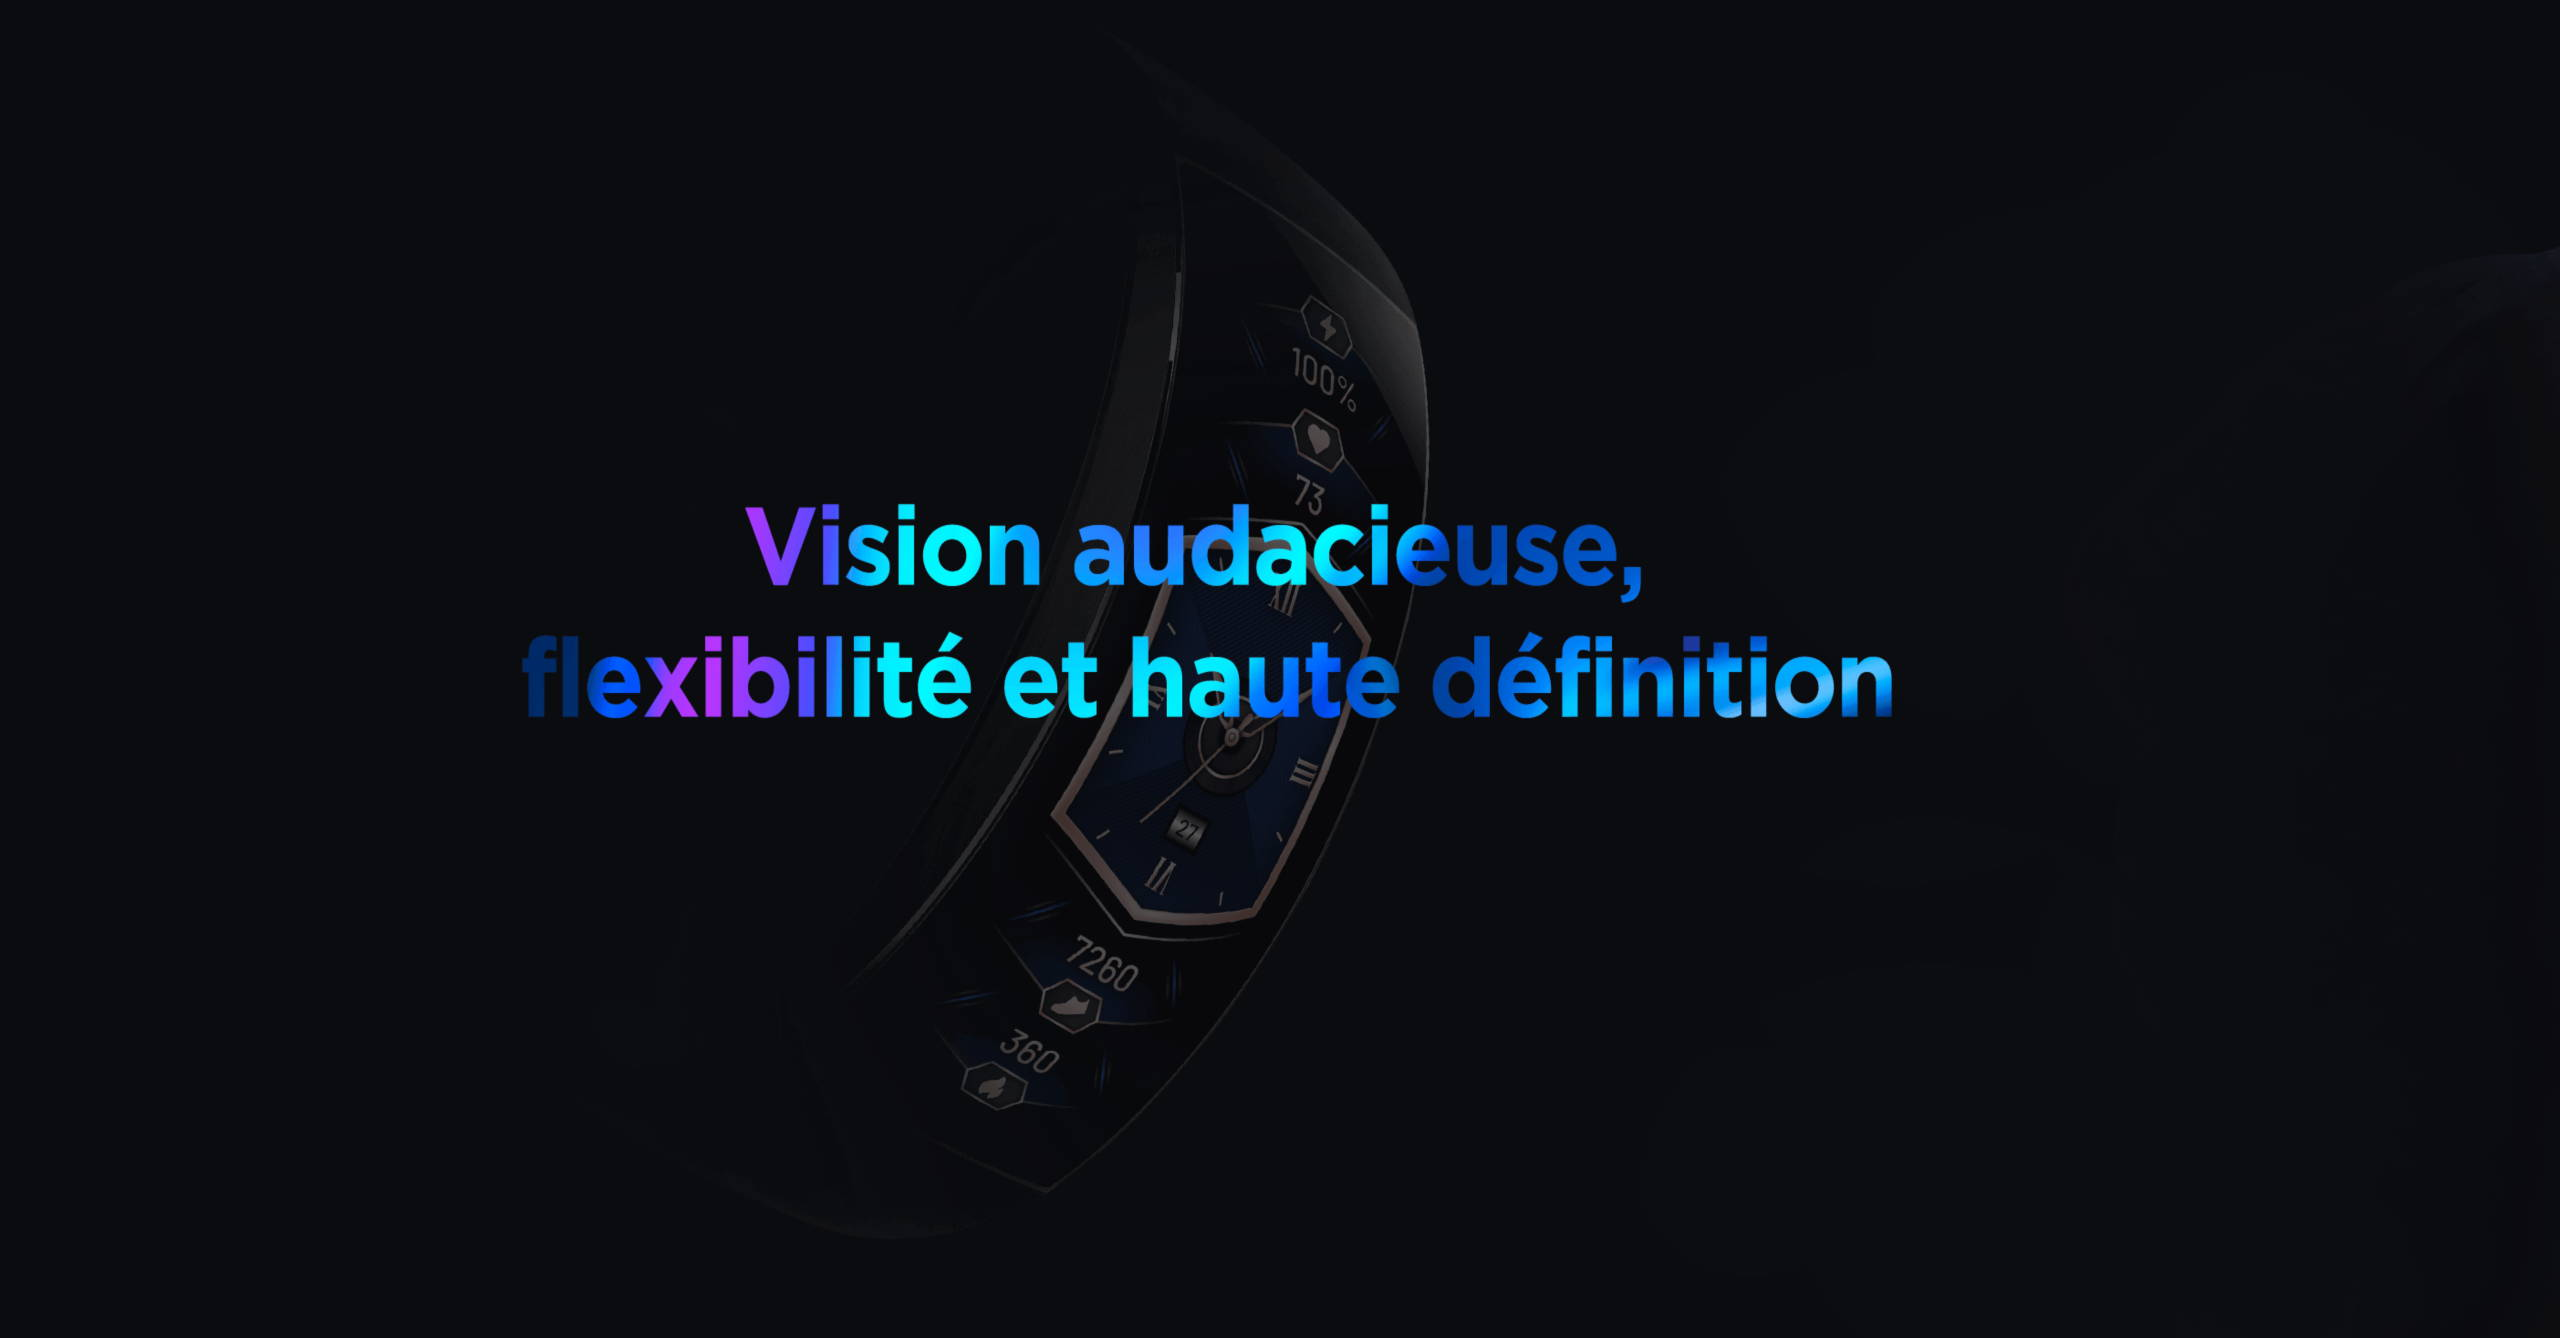 Amazfit X - Vision audacieuse,flexibilité et haute définition.